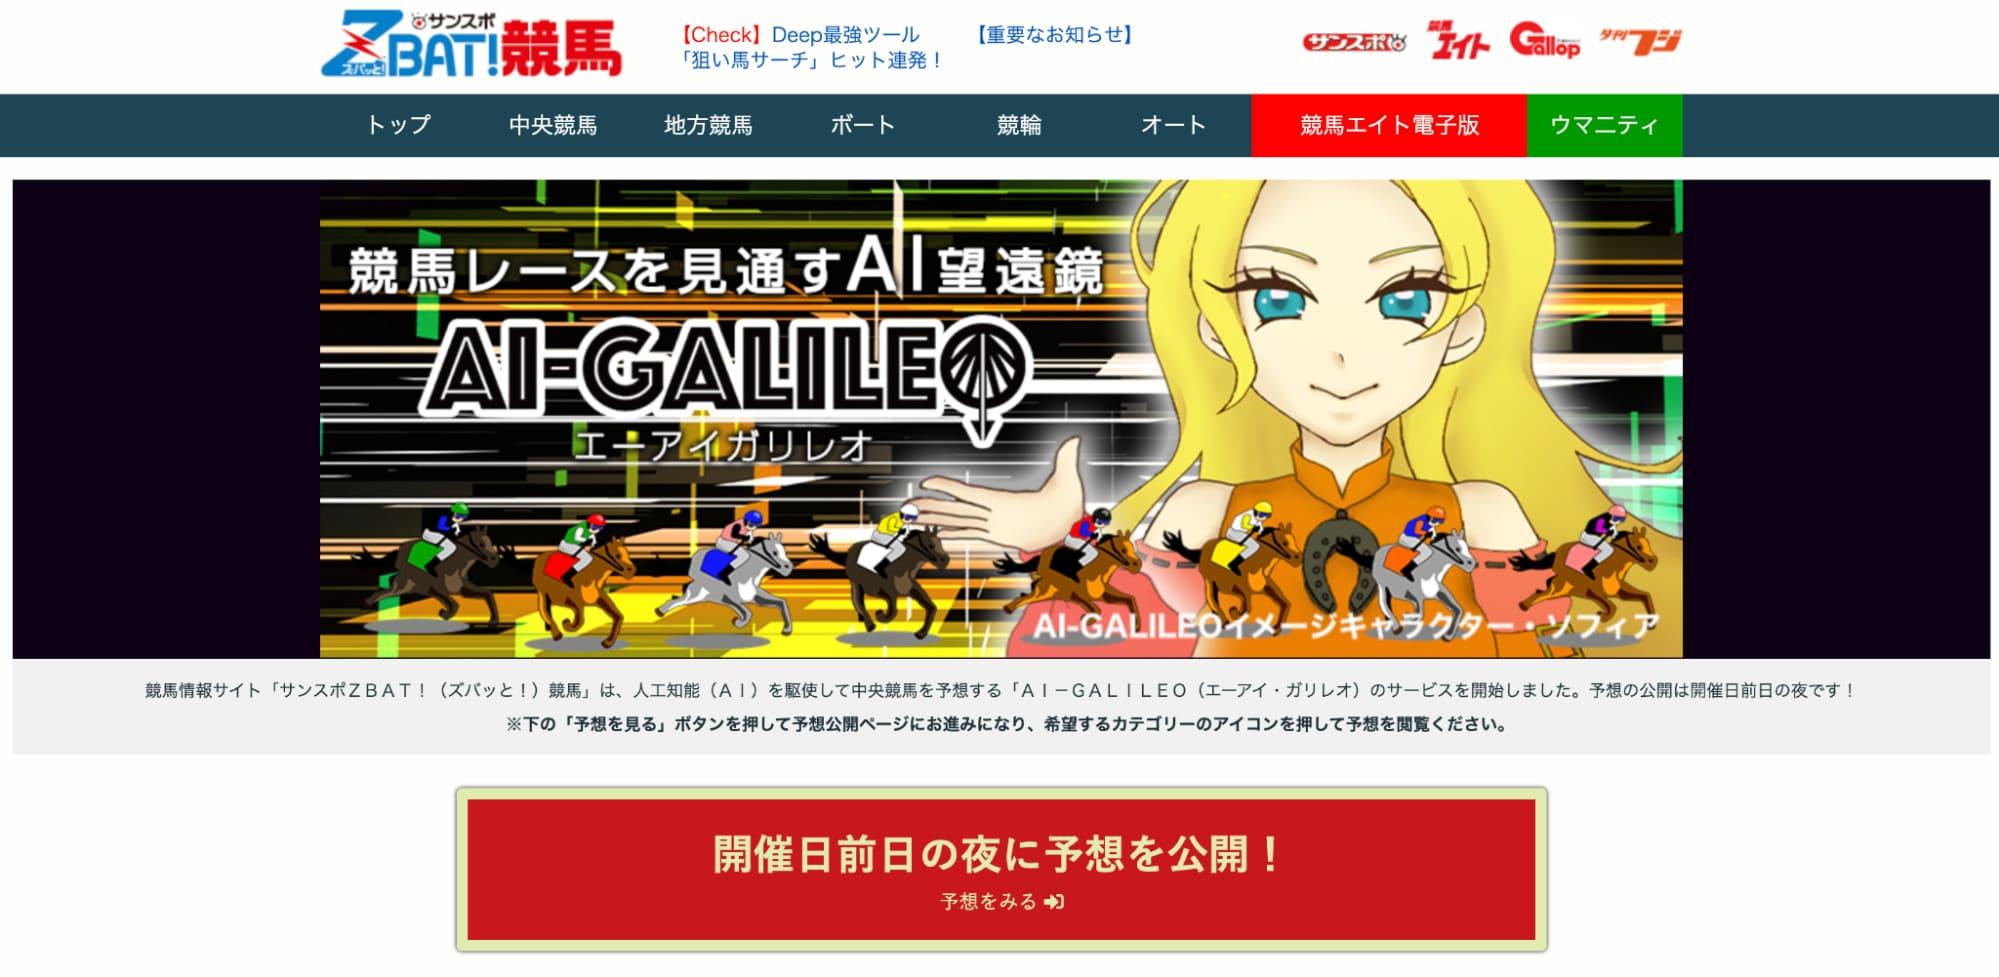 AI-GALILEO